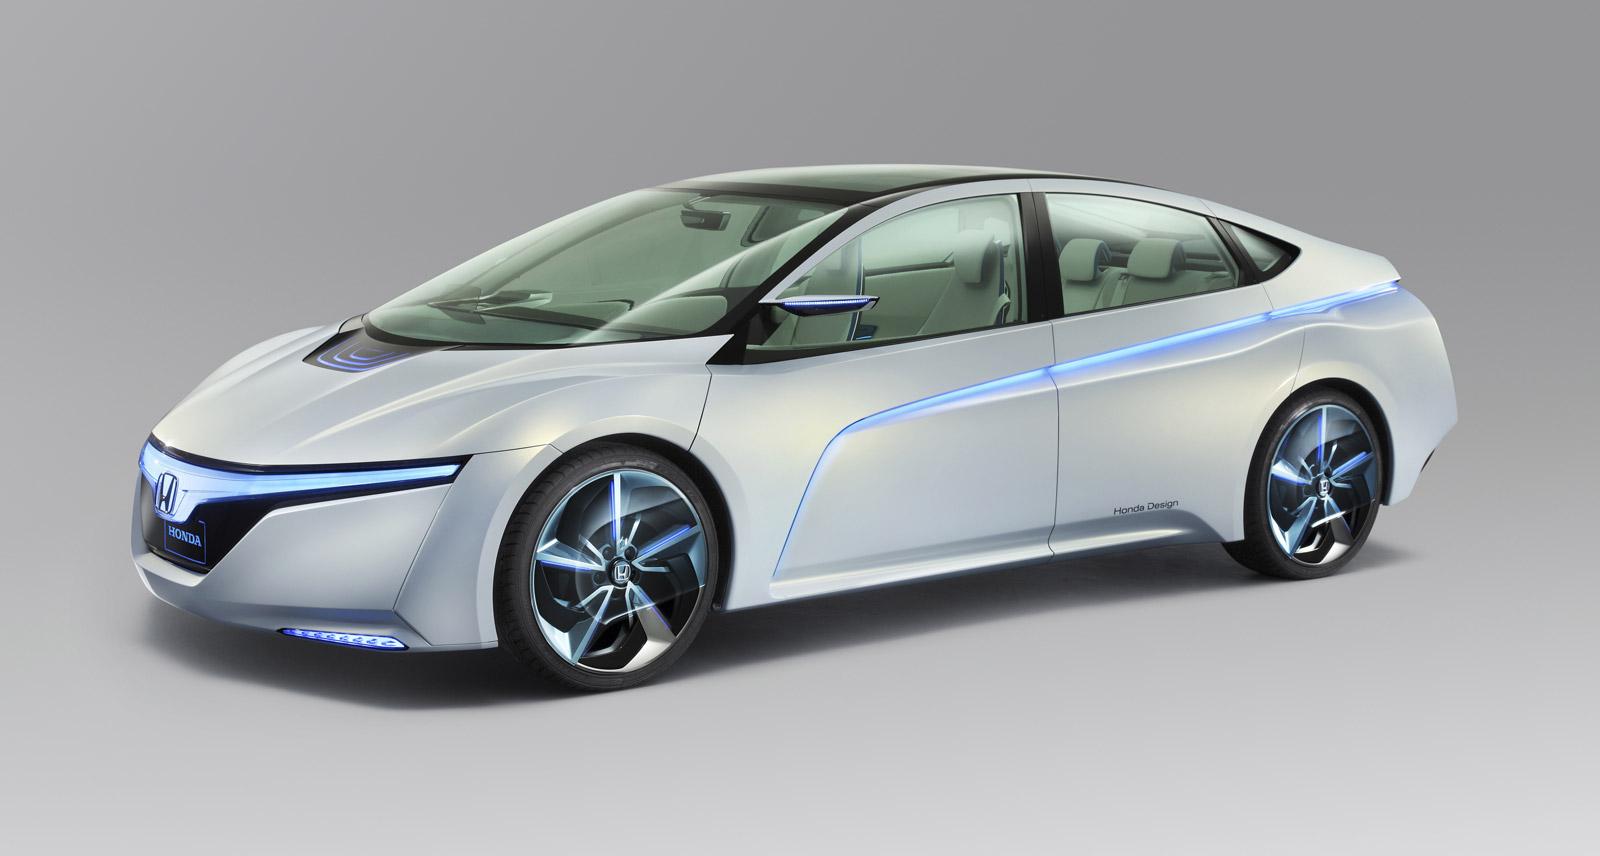 2011 Tokyo Motor Show Honda Reveals Electric Car Concepts